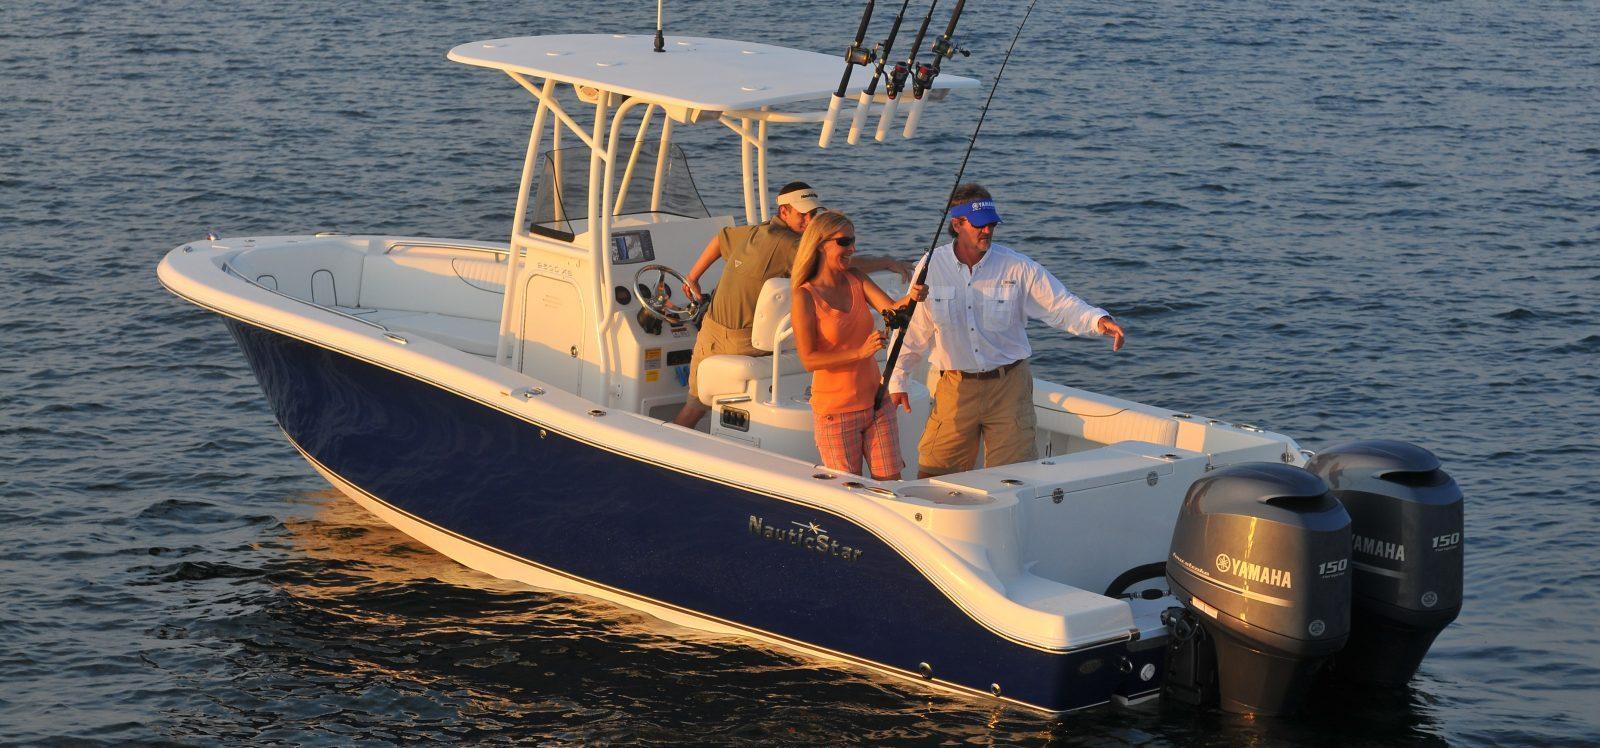 NauticStar Boats Image